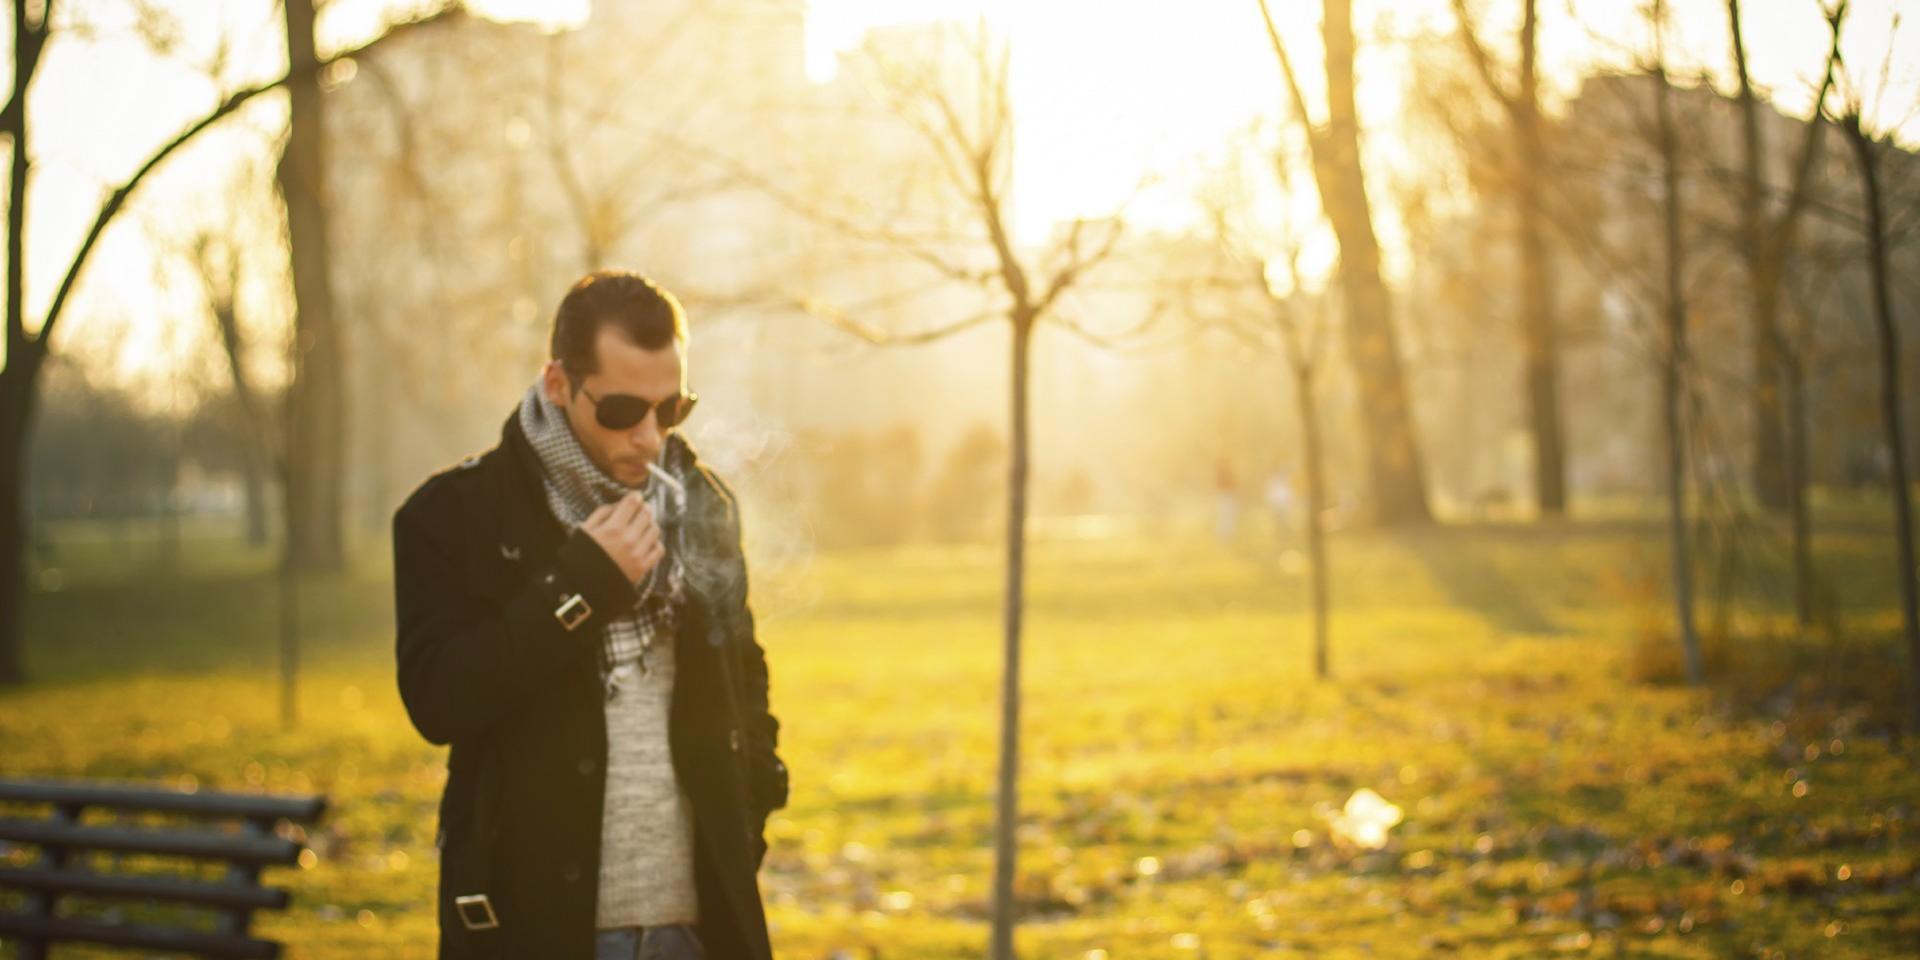 Les dangers de la cigarette et du tabac